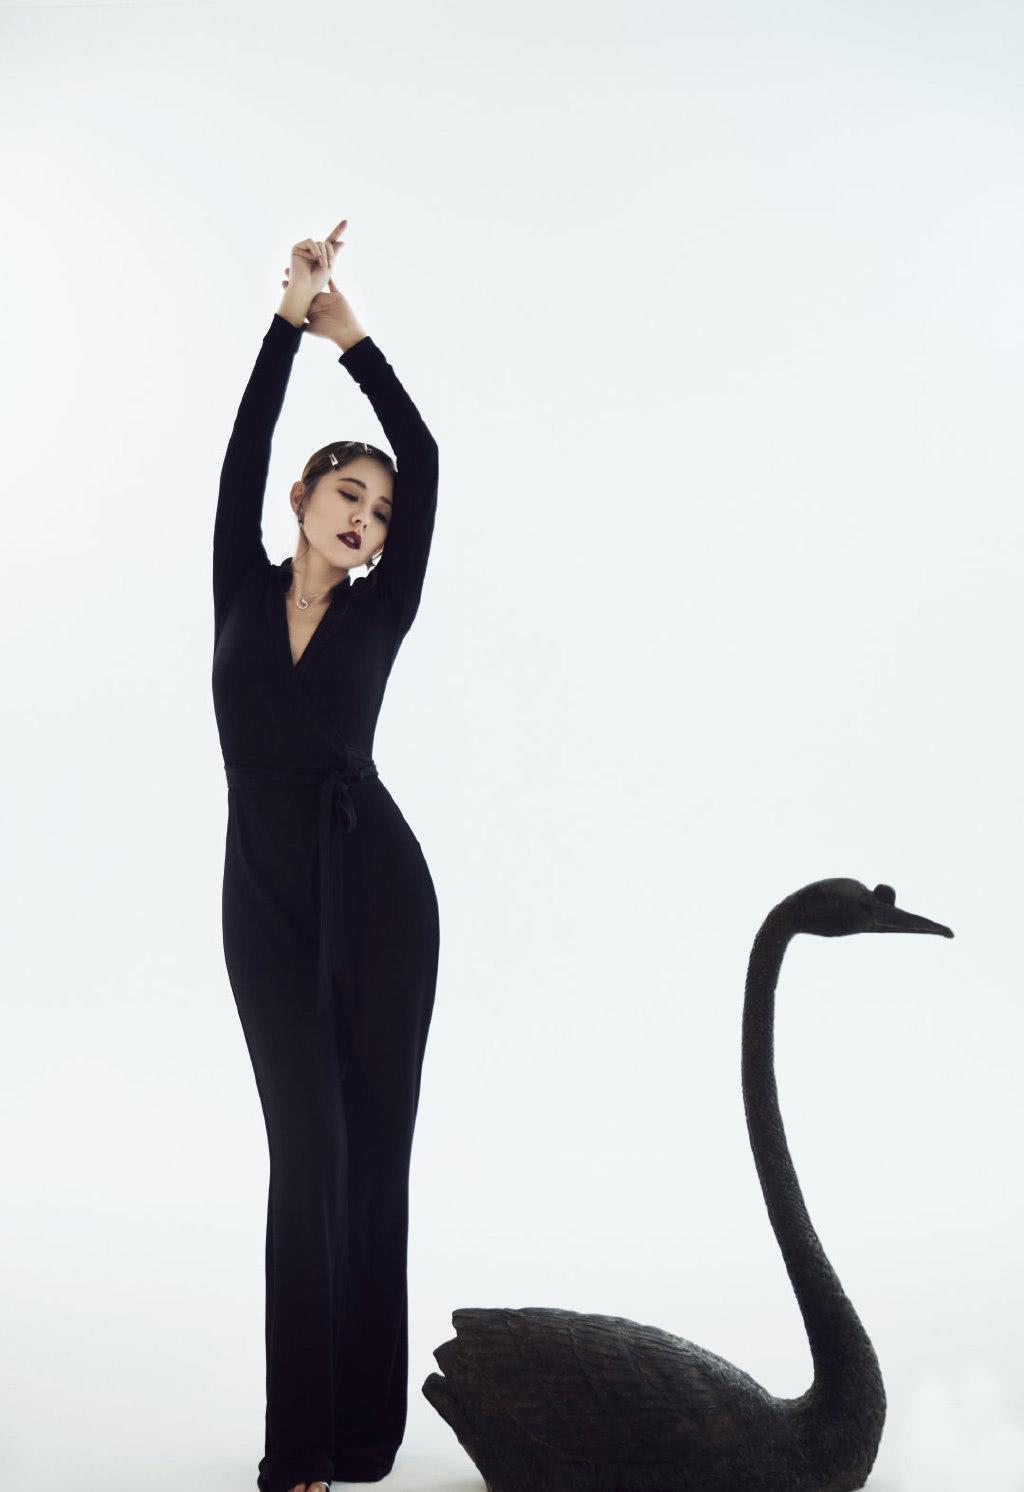 被热依扎惊艳到了,穿V领连体裤身姿优雅迷人,比旁边黑天鹅更美